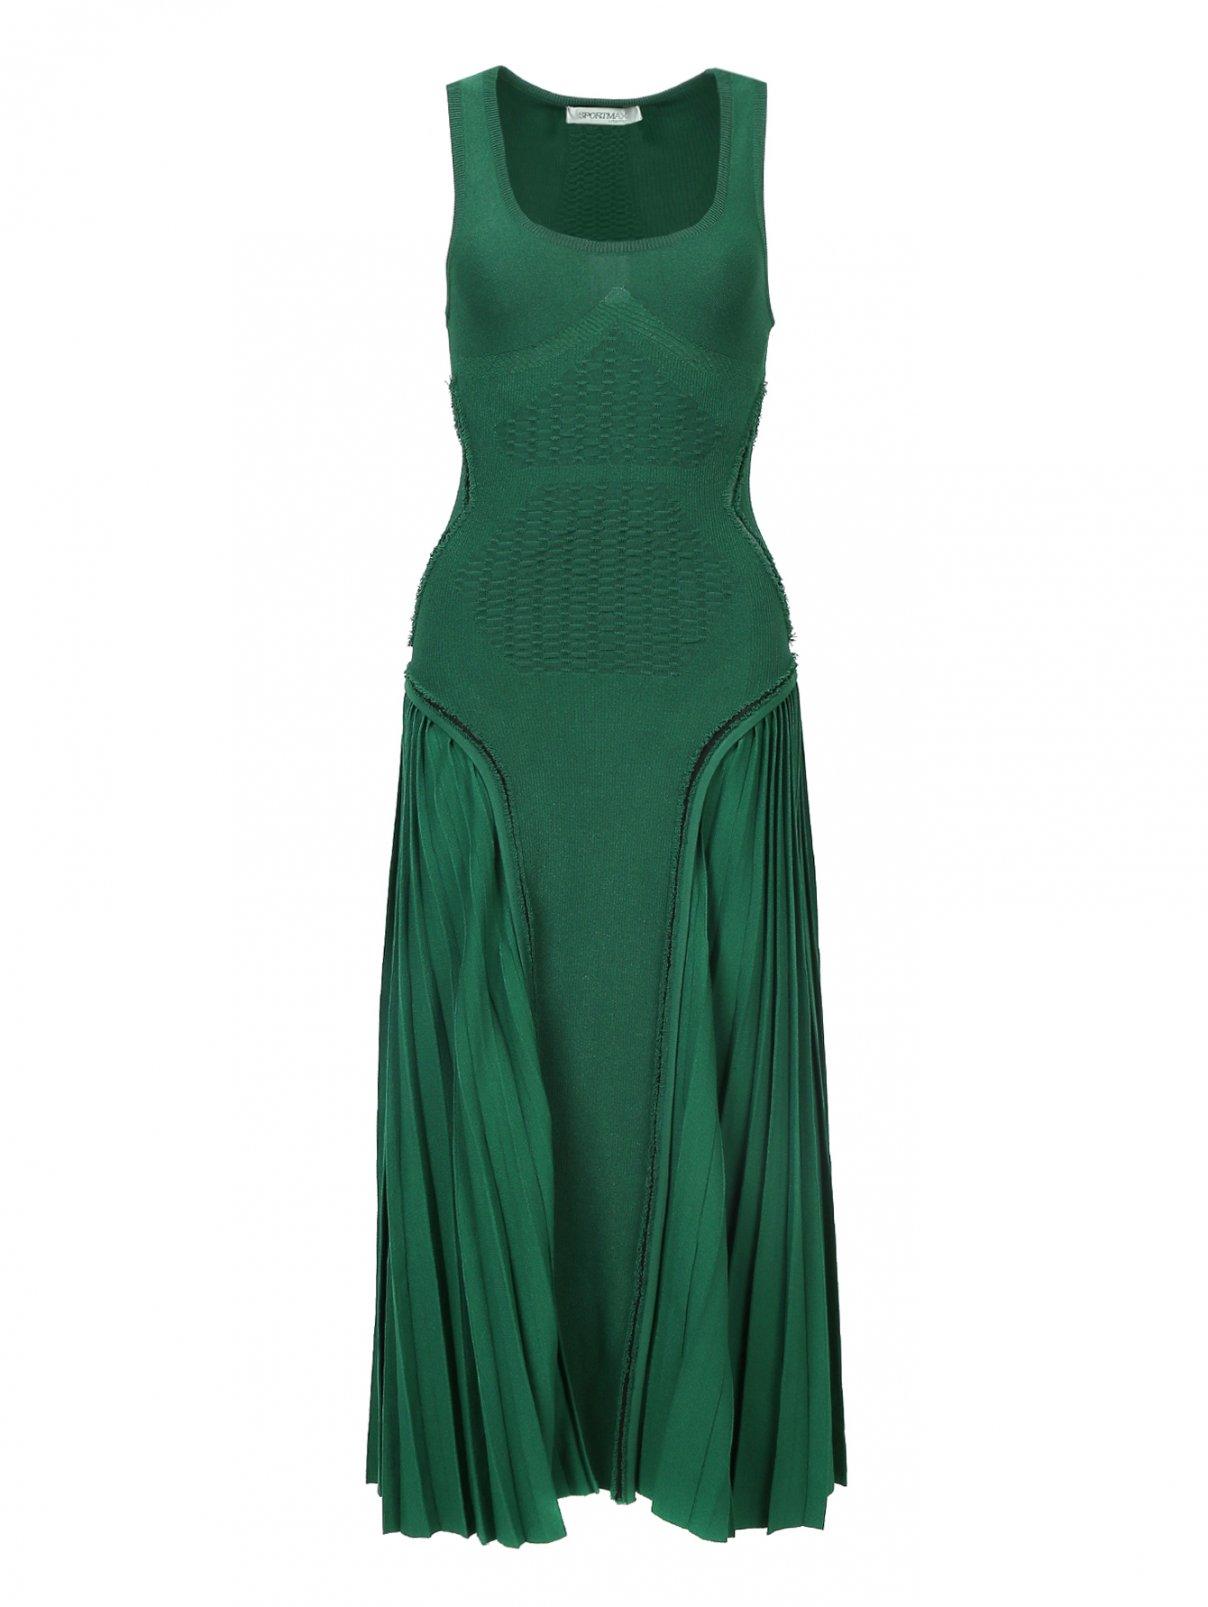 Платье трикотажное с плиссированной юбкой Sportmax  –  Общий вид  – Цвет:  Зеленый